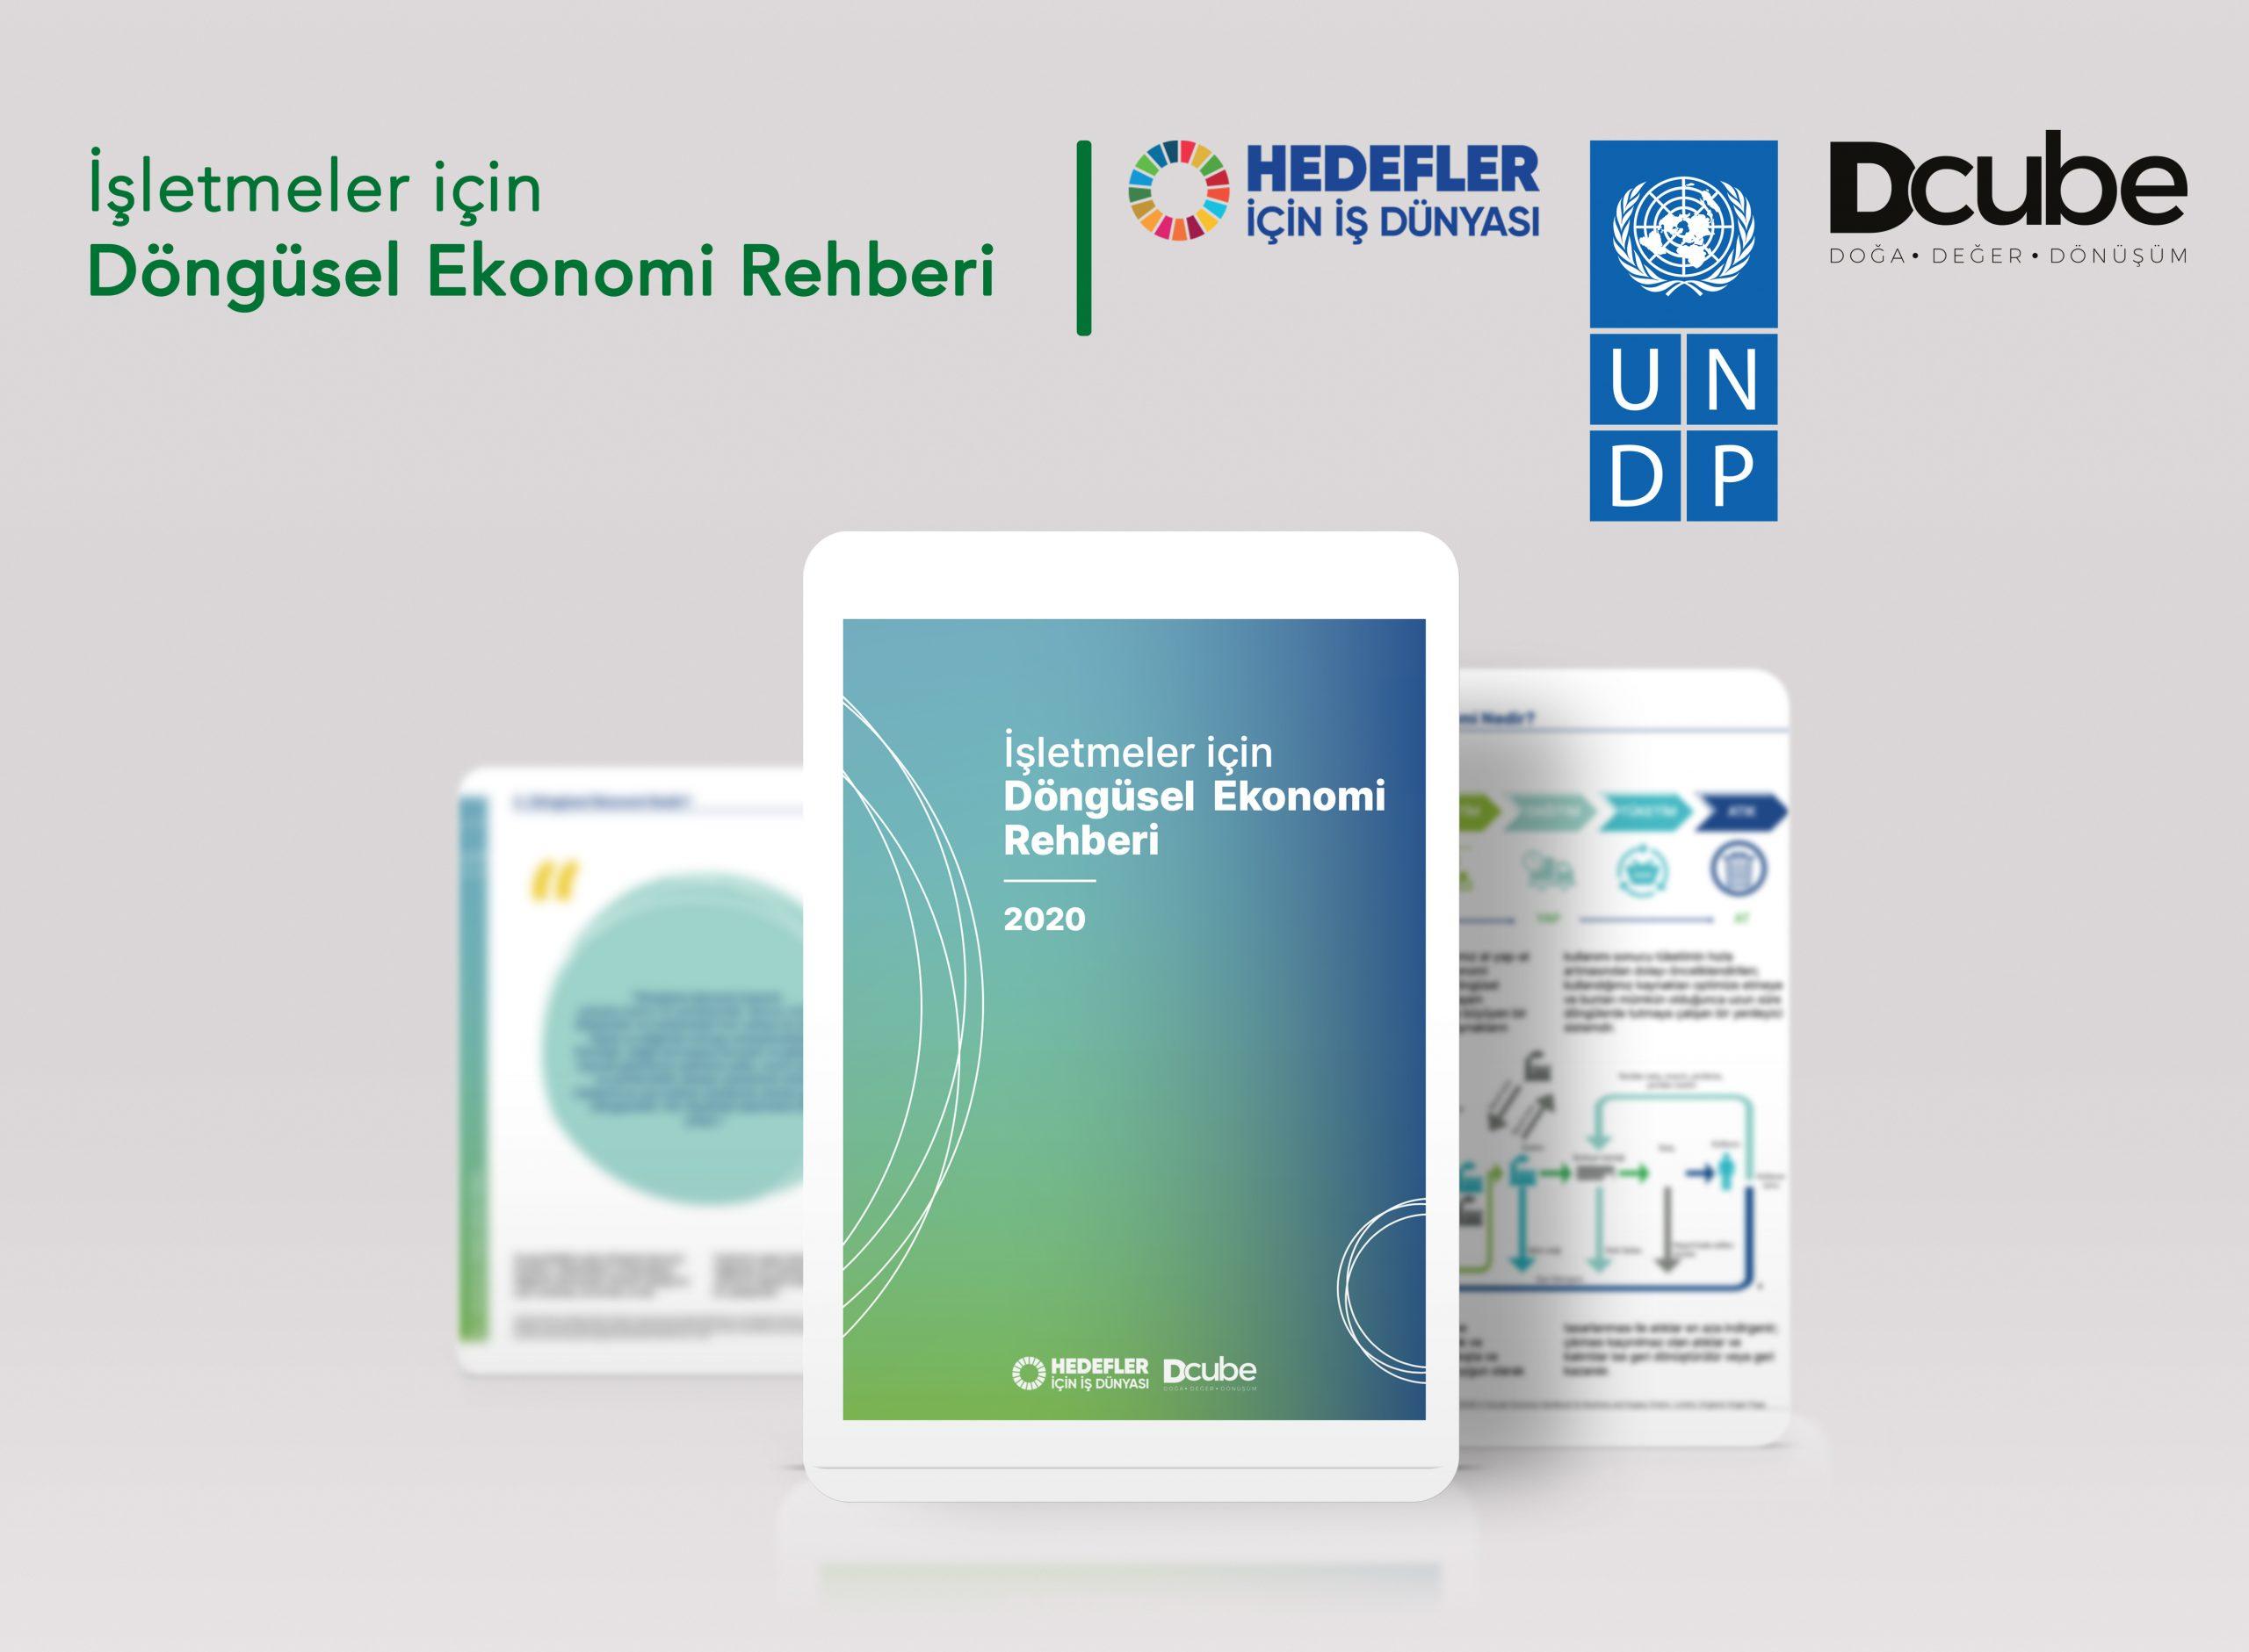 İşletmeler için Döngüsel Ekonomi Rehberi – UNDP